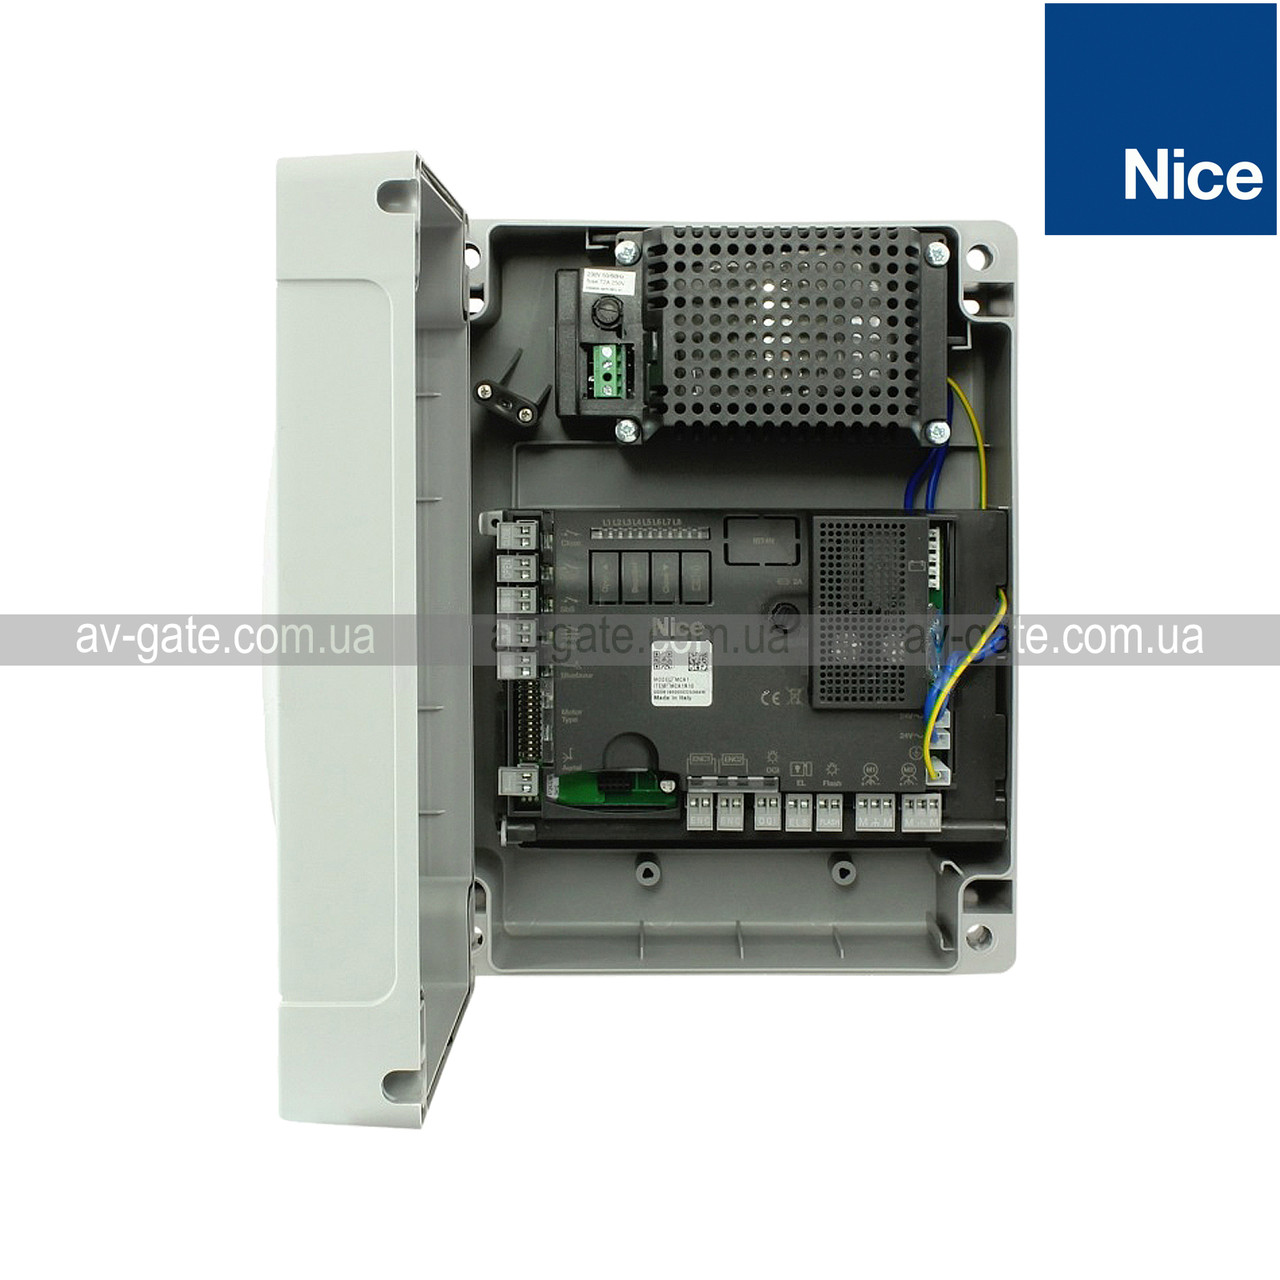 Блок управления автоматикой MC824H R10 Nice